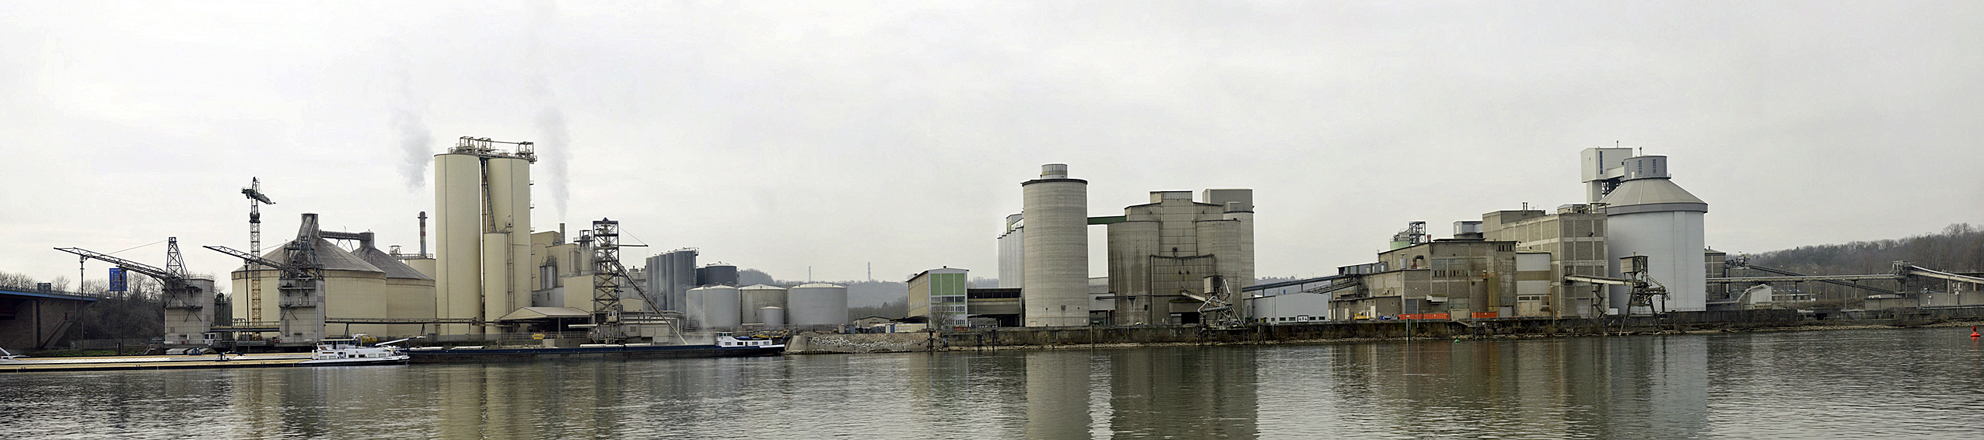 Cementwerk-Mainz2